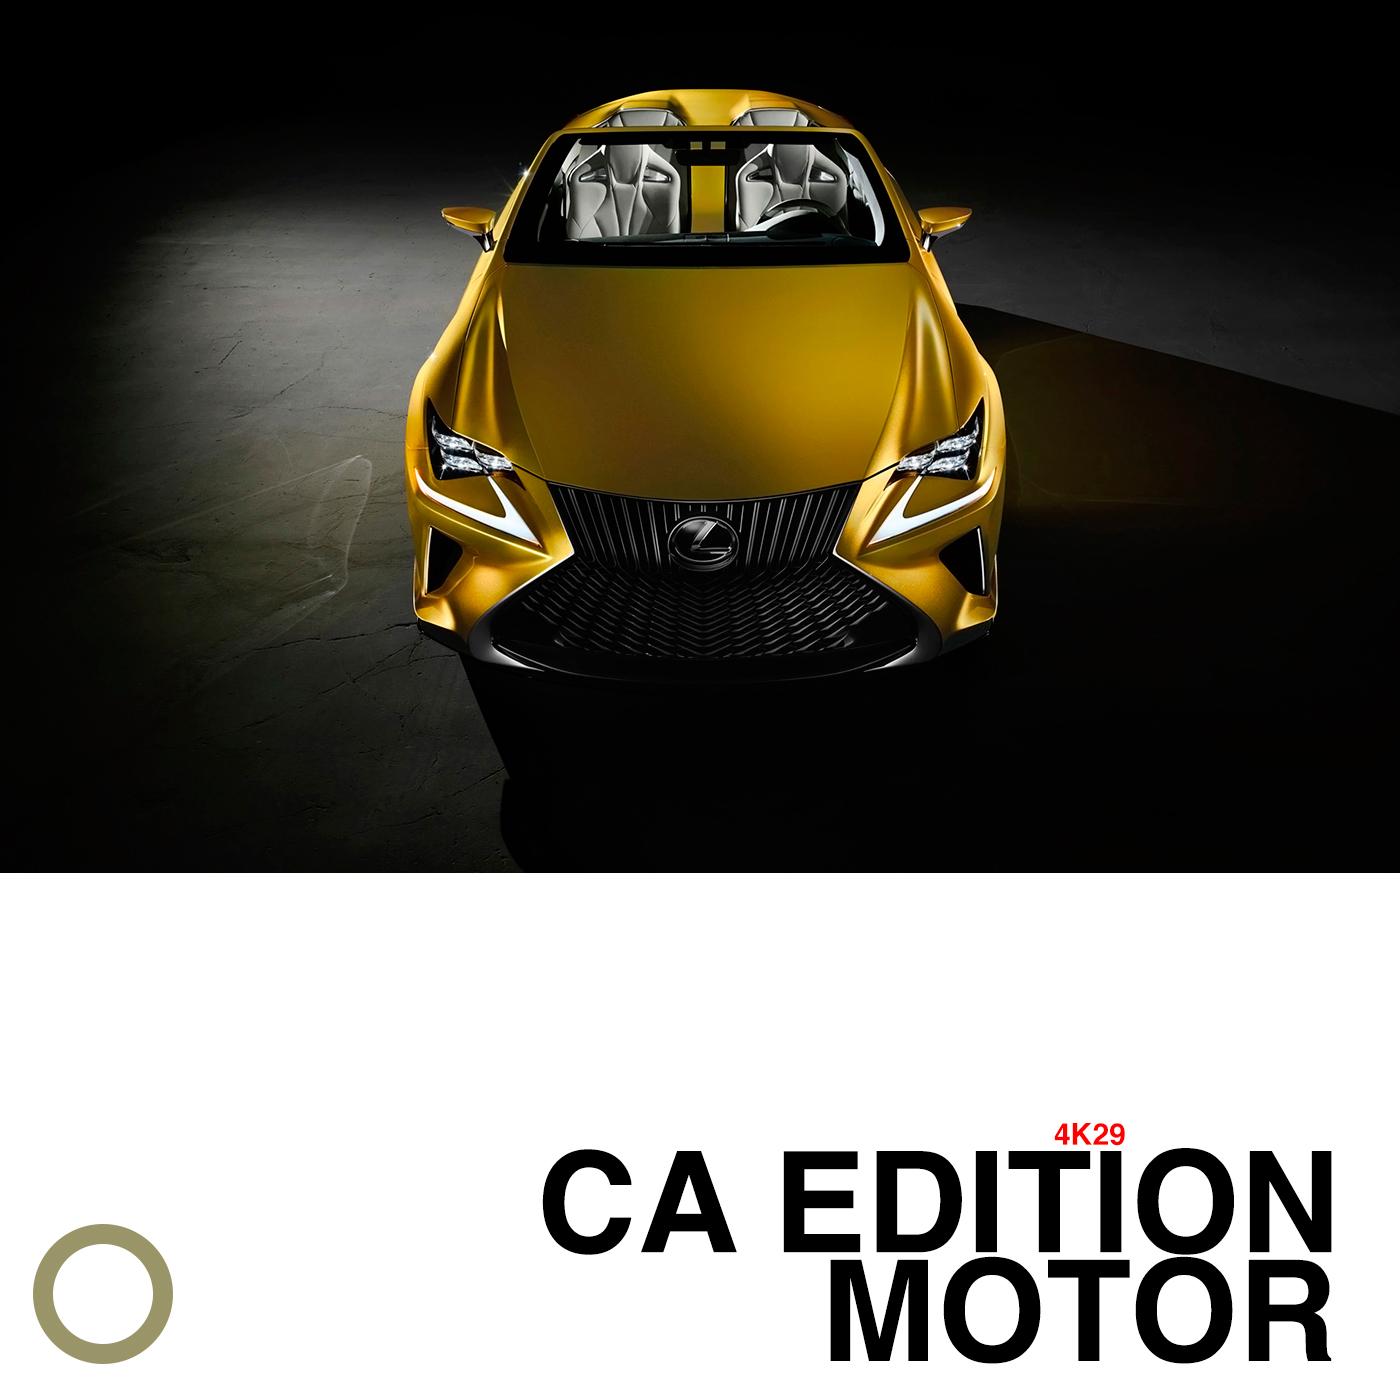 CA EDITION MOTOR 4K29